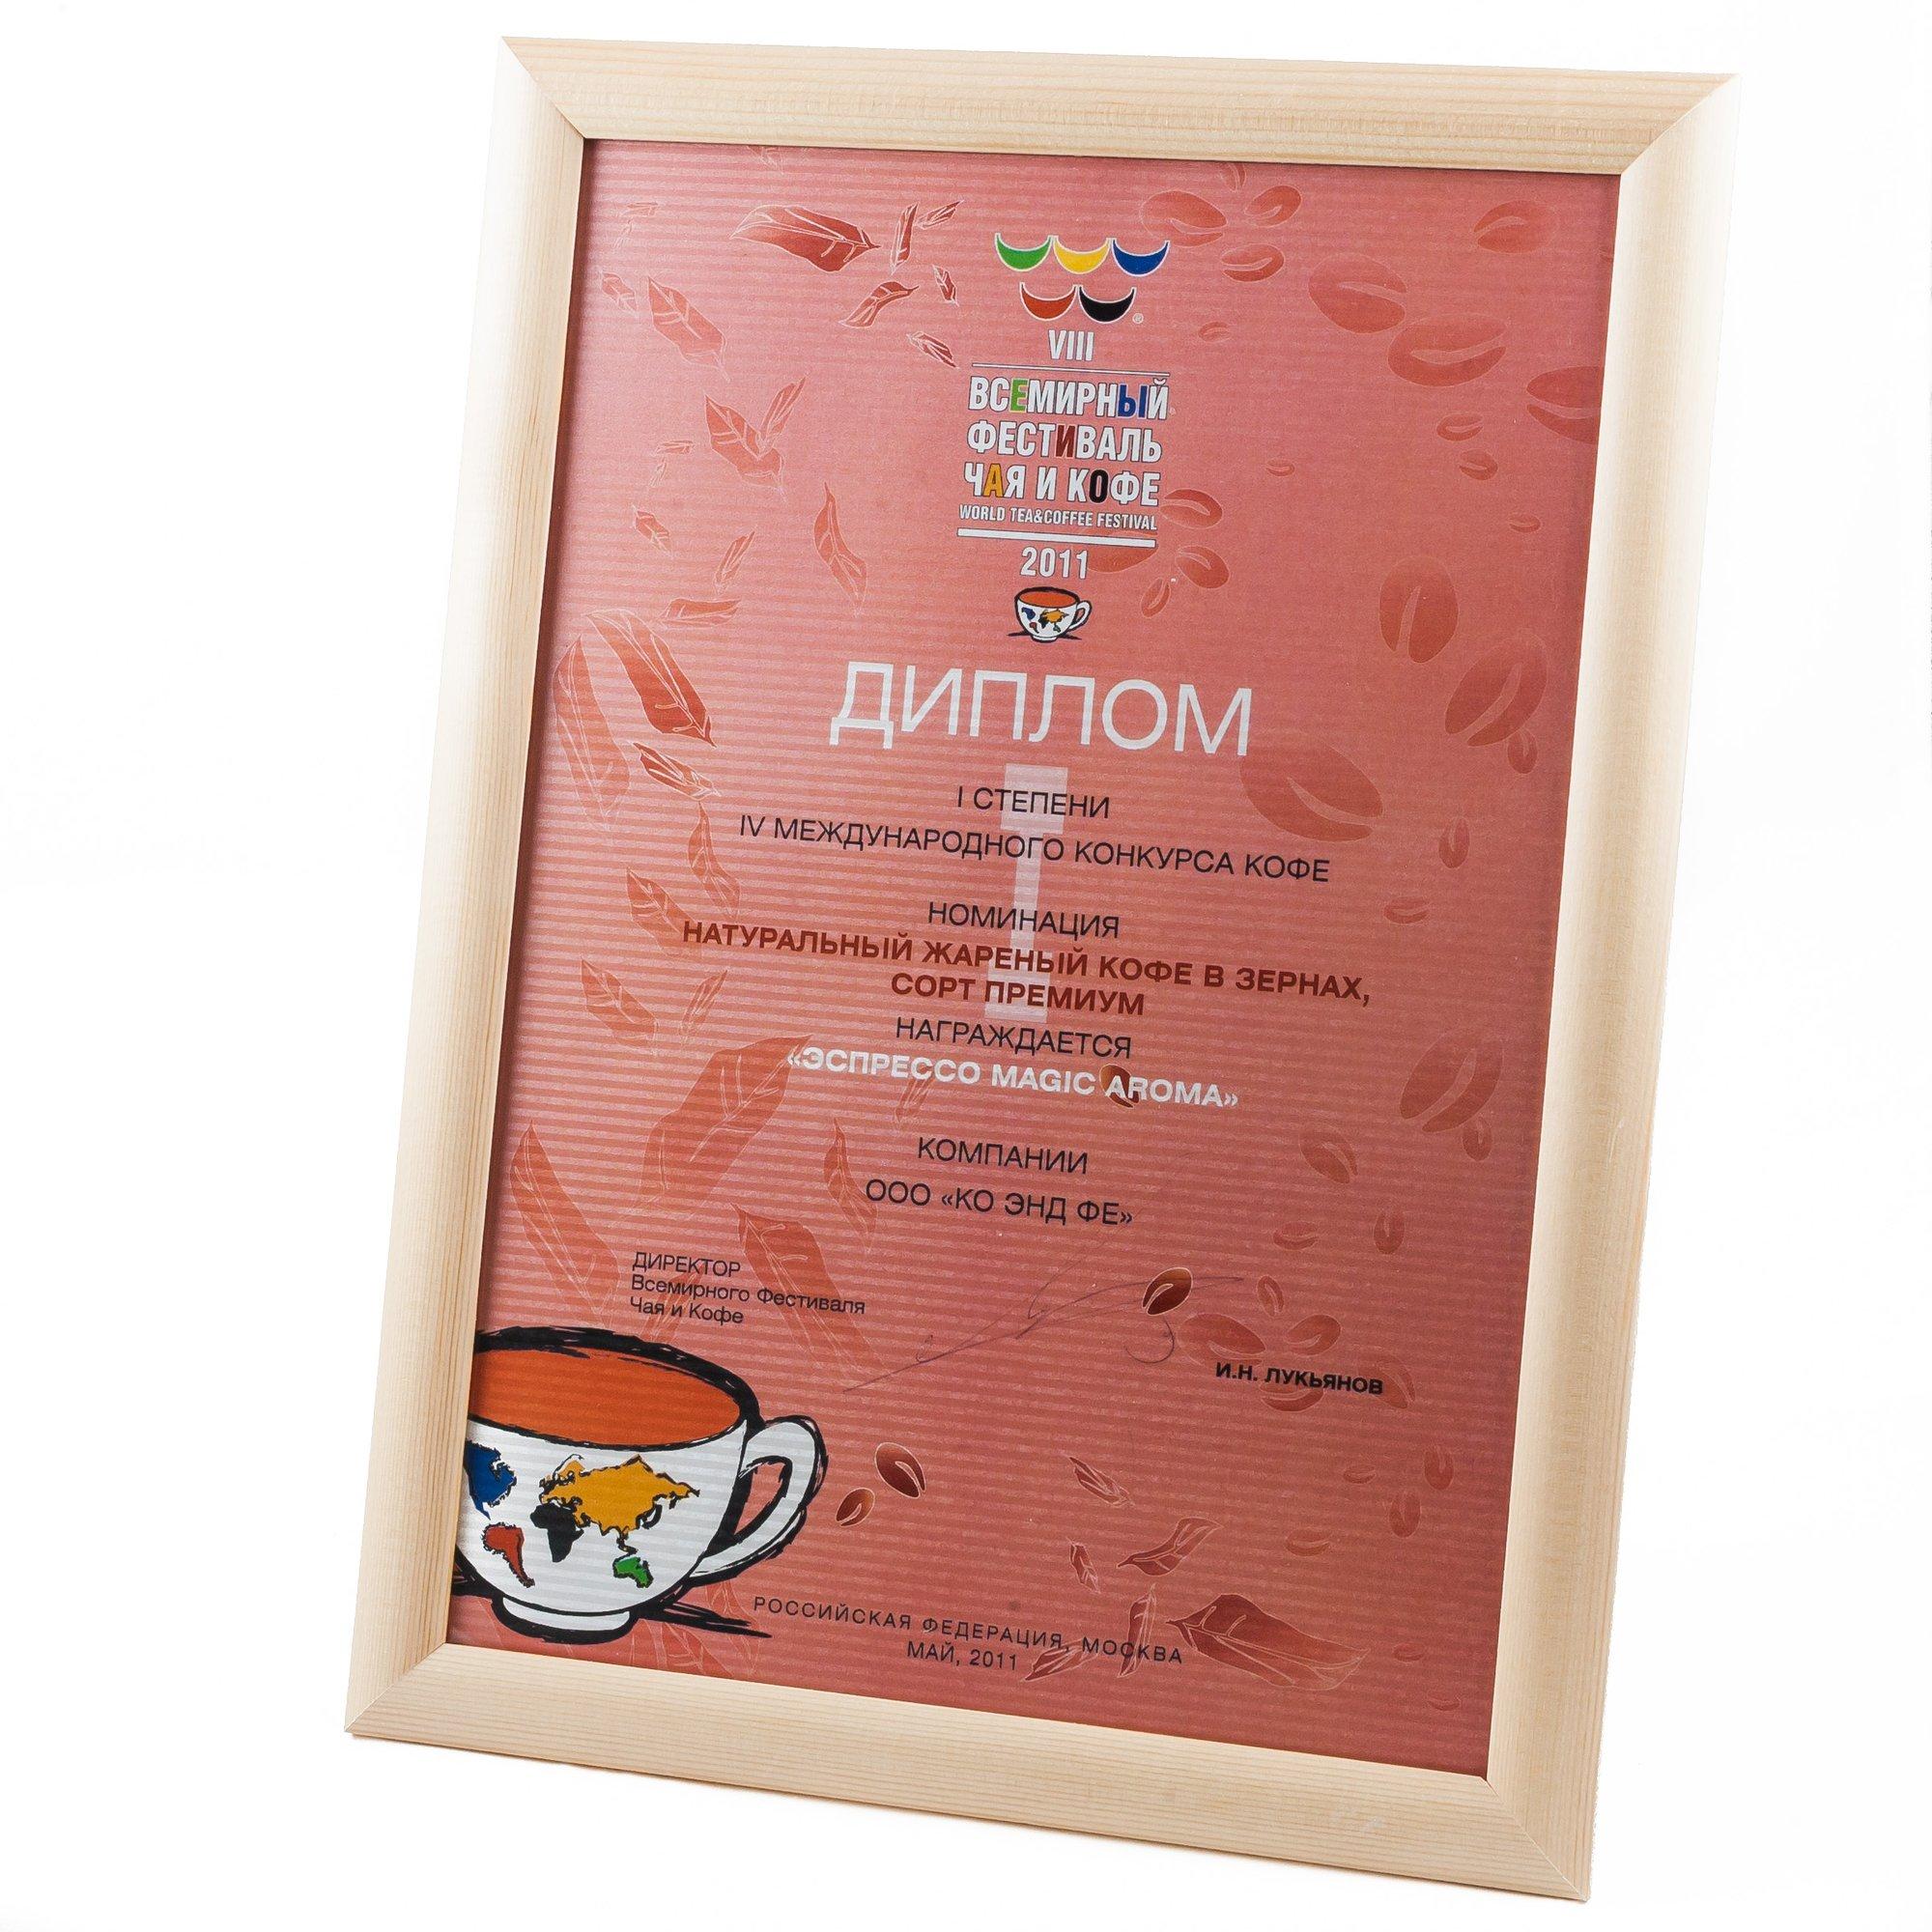 2011-vsemirnyi-festival-chaja-i-kofe-magic-aroma.jpg